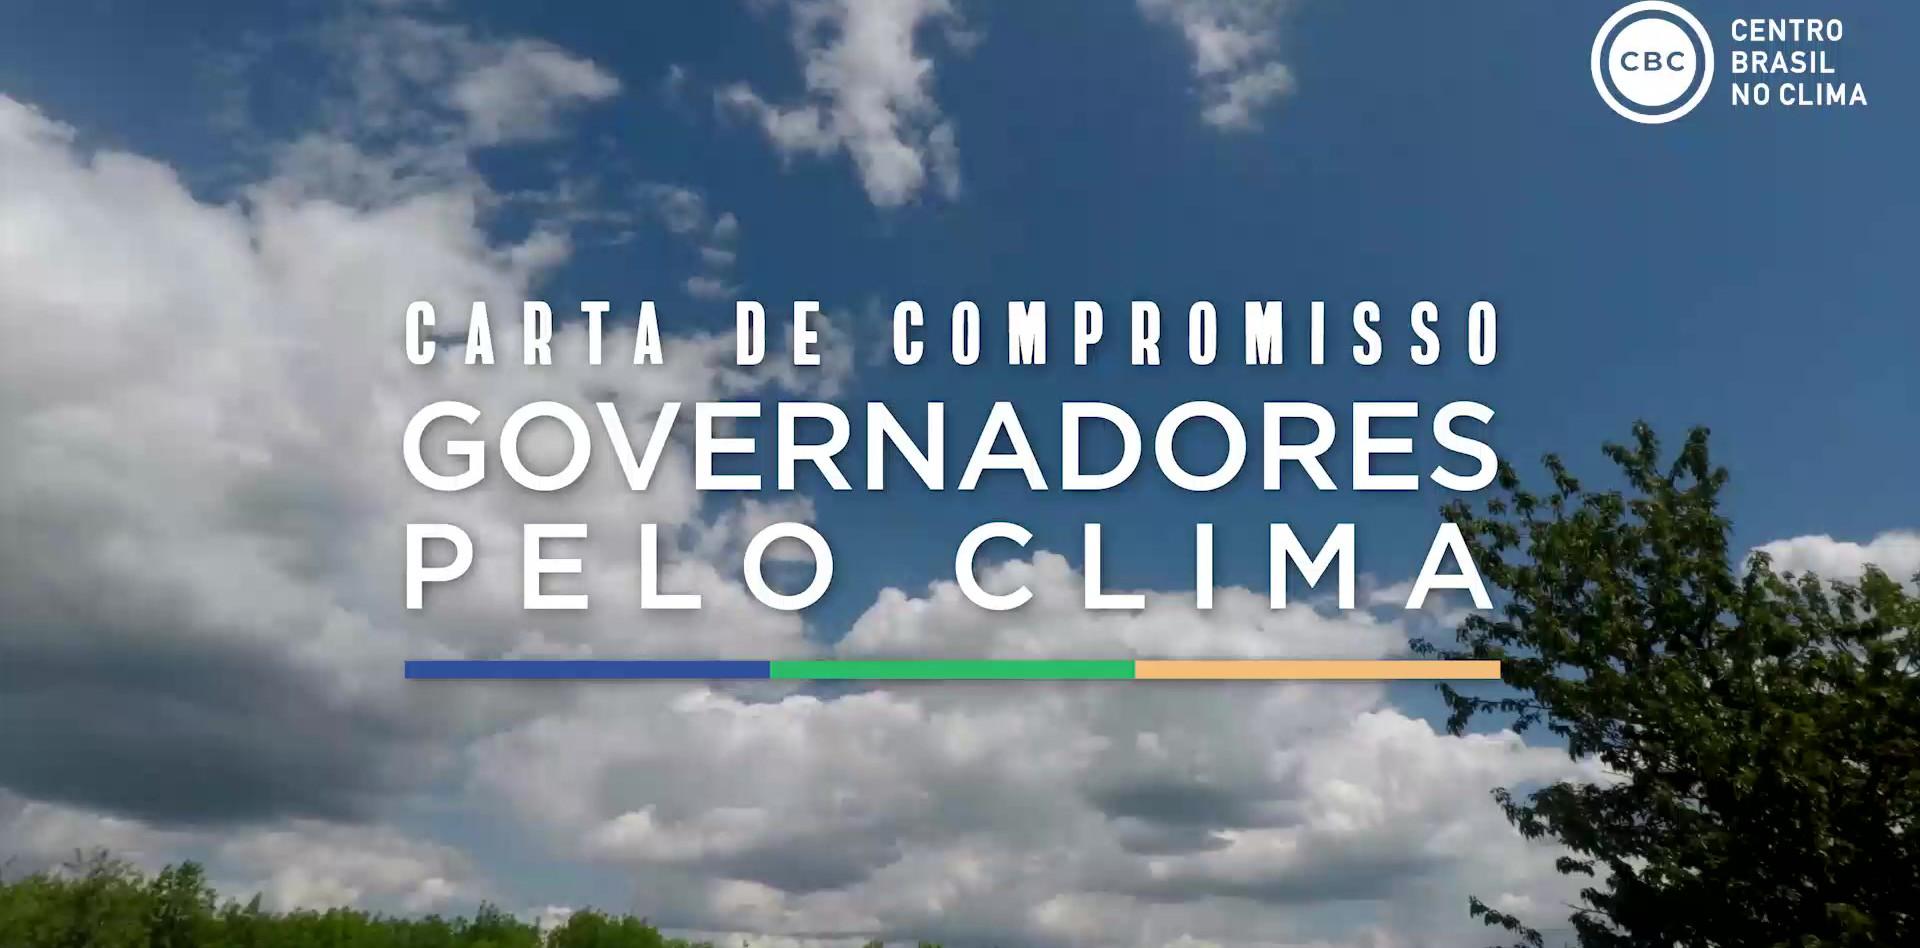 Carta de compromisso Governadores pelo Clima